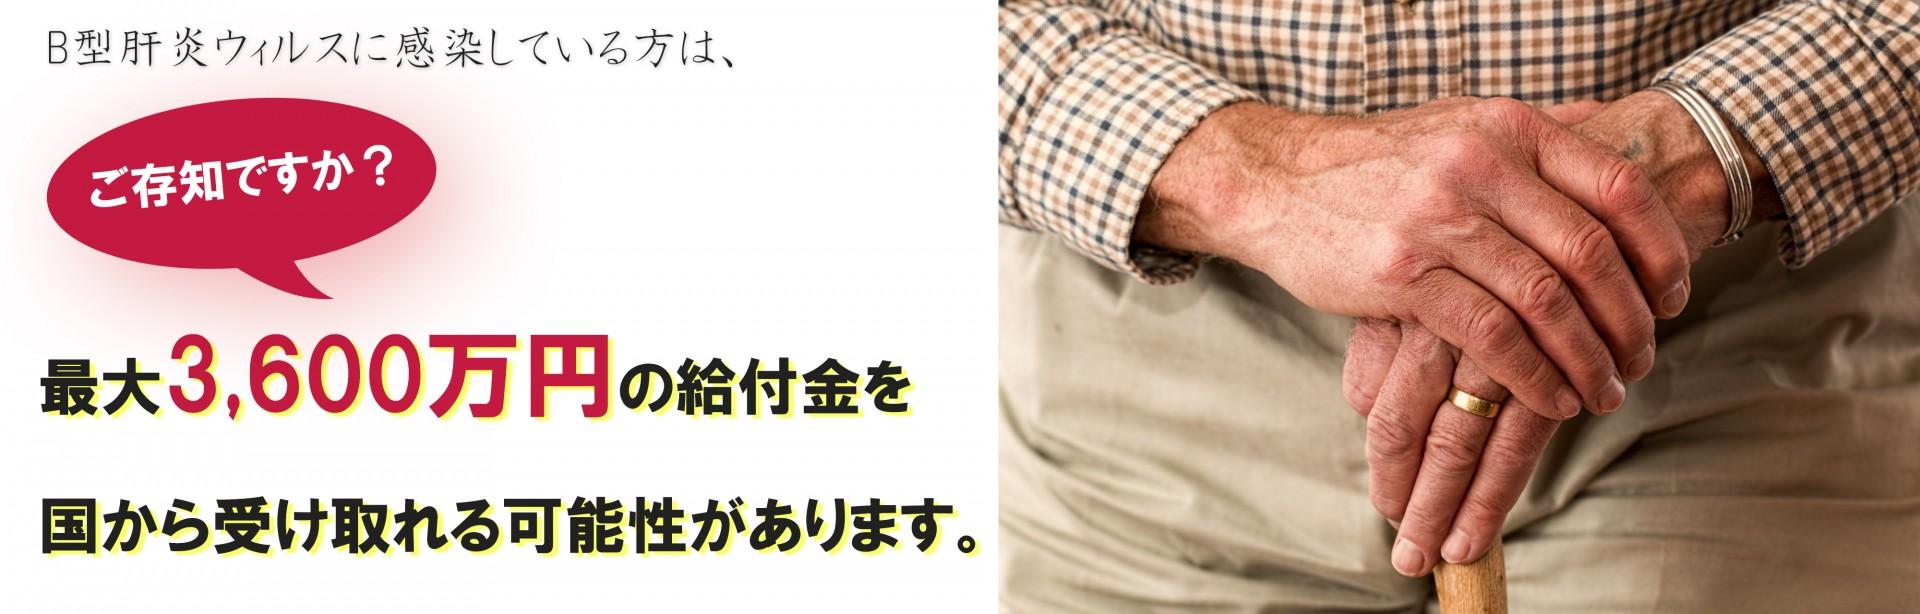 ご存知でしたか?B型肝炎最大3600万円給付金